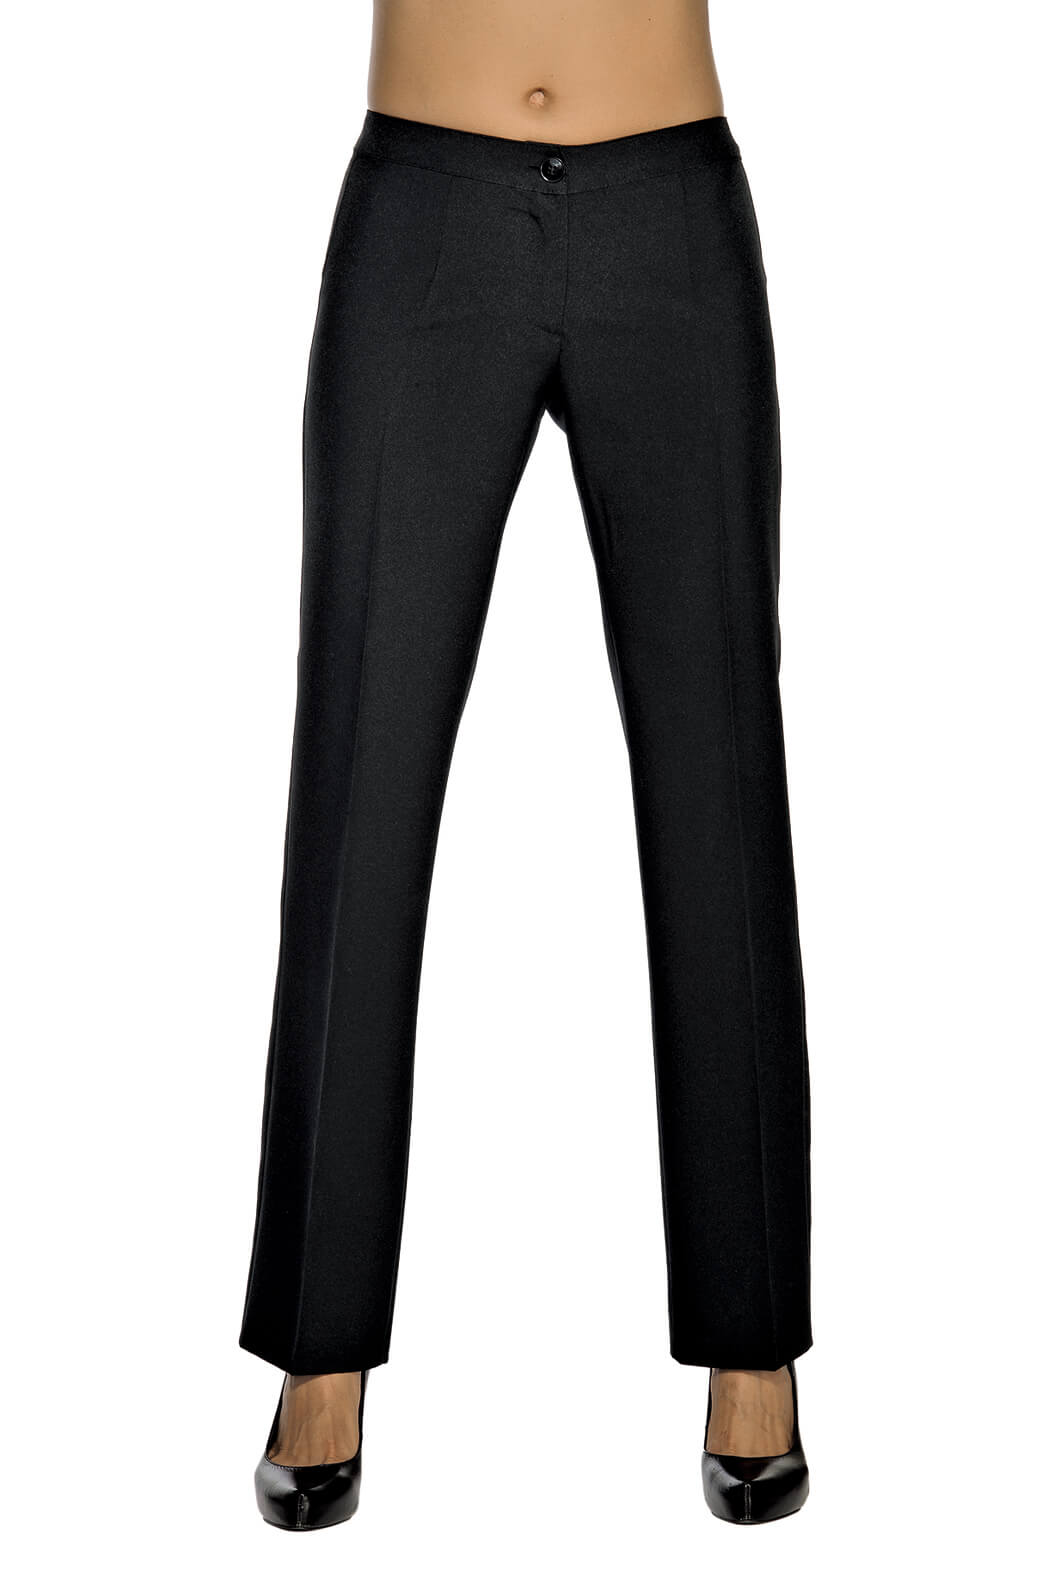 pantalon femme noir coupe droite restauration et. Black Bedroom Furniture Sets. Home Design Ideas